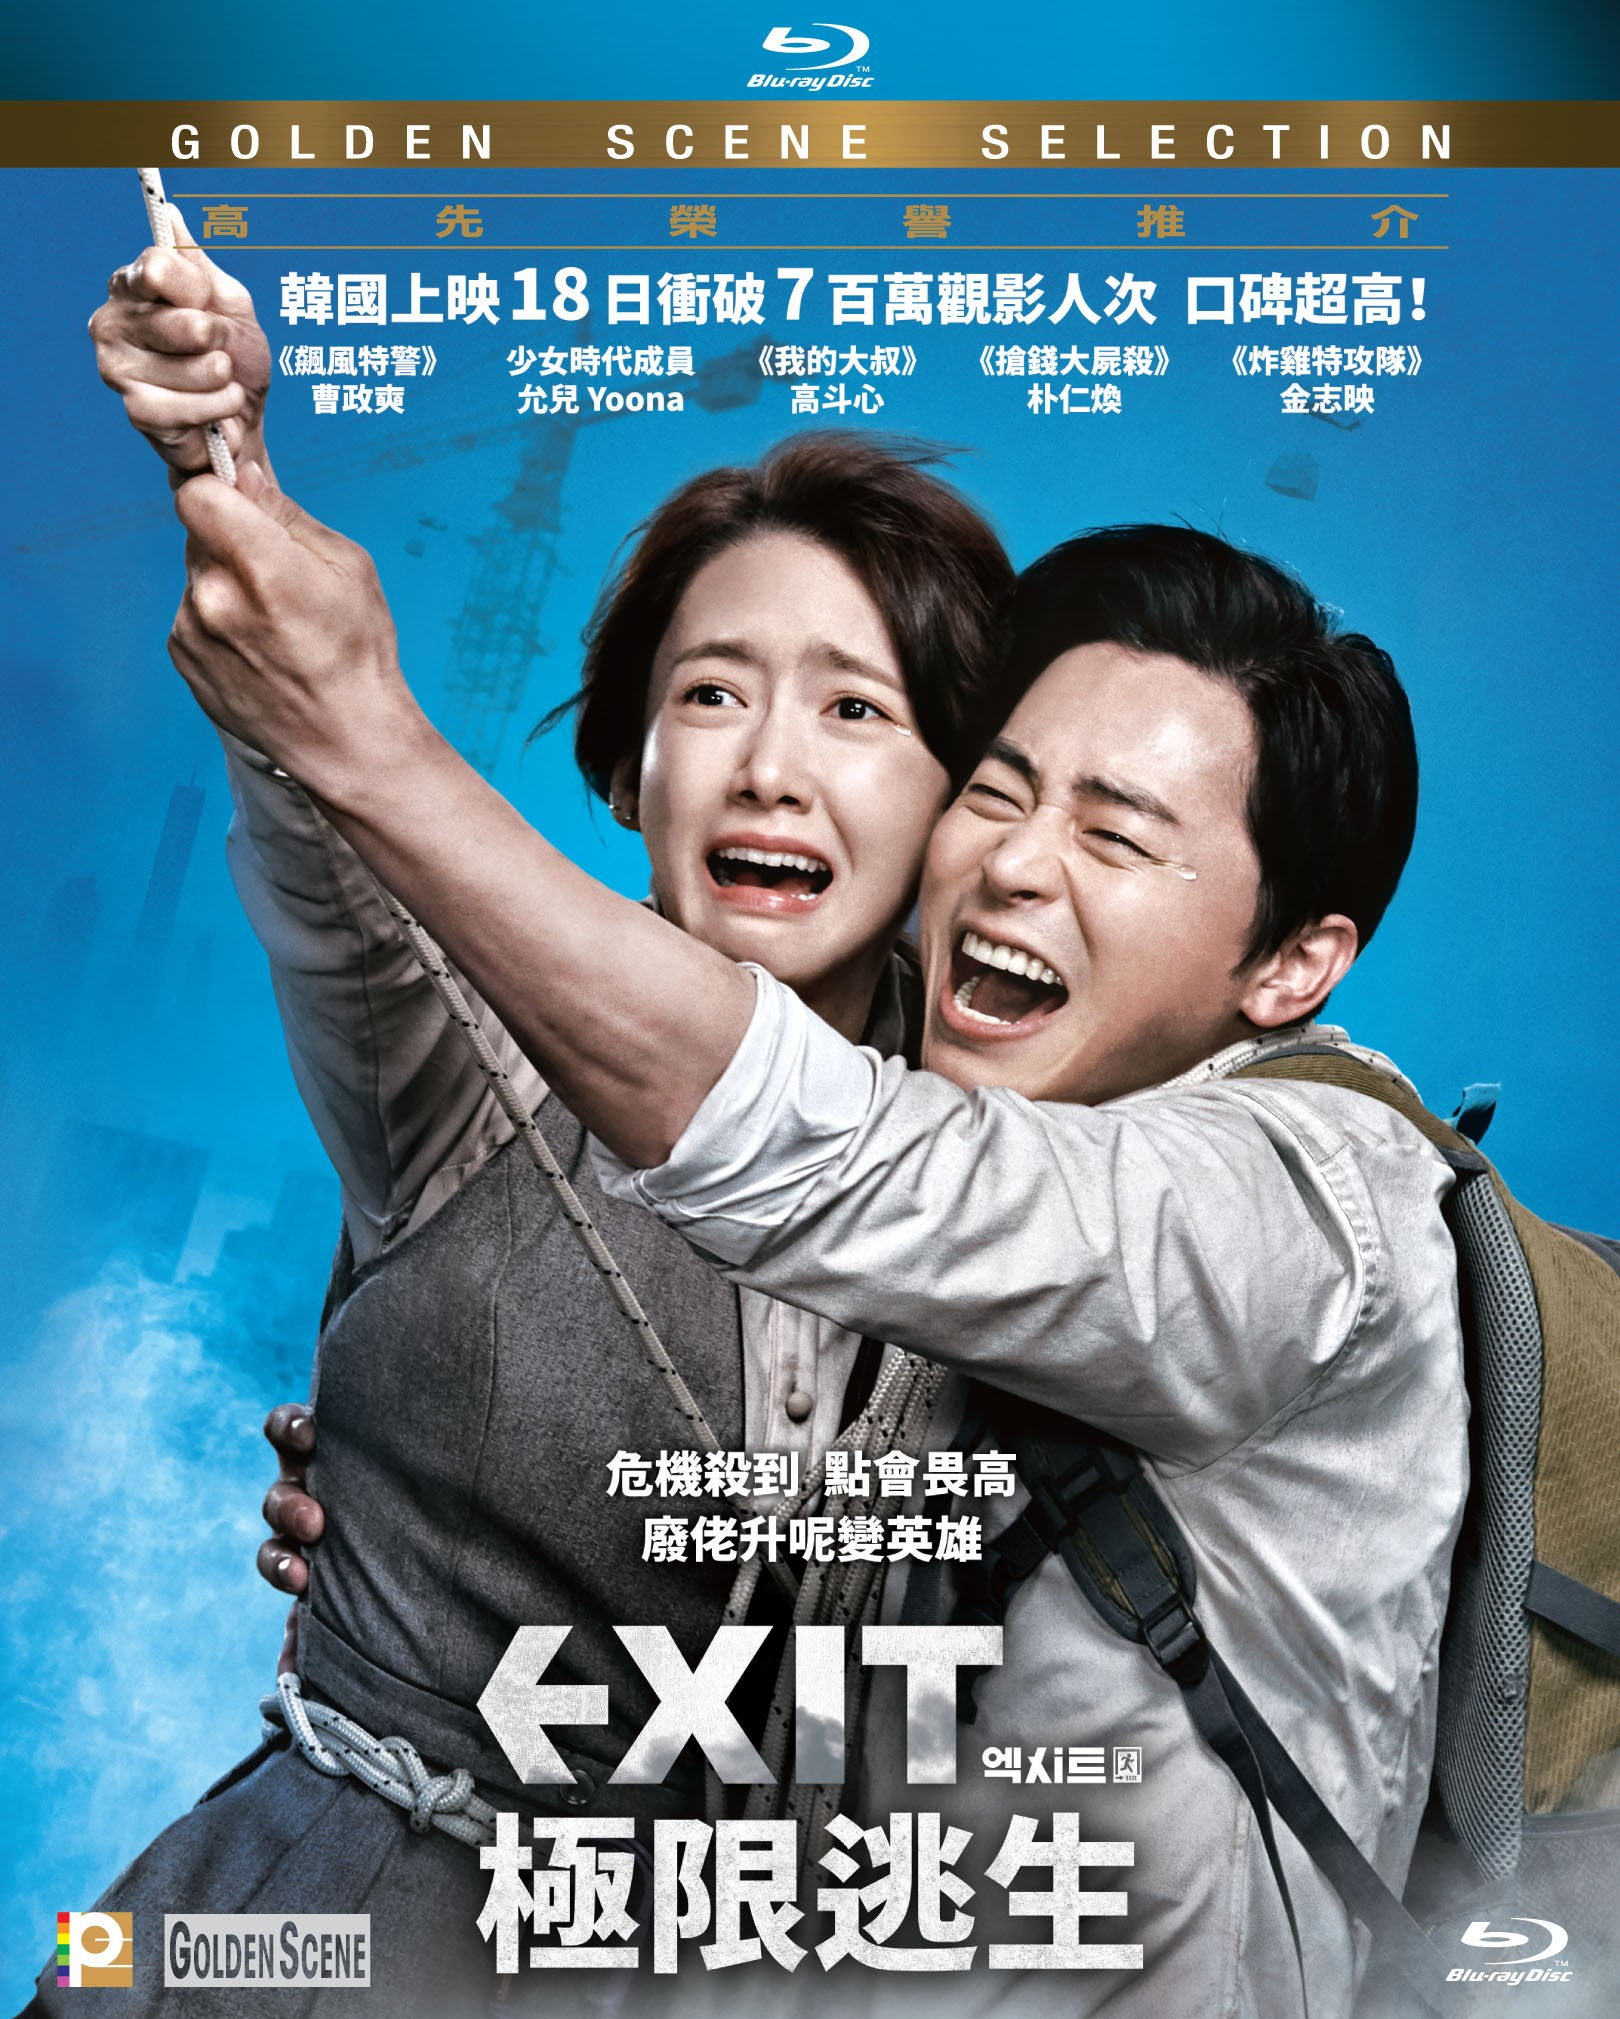 https://shop.panorama.com.hk/hk/disaster/3334-exit-.html